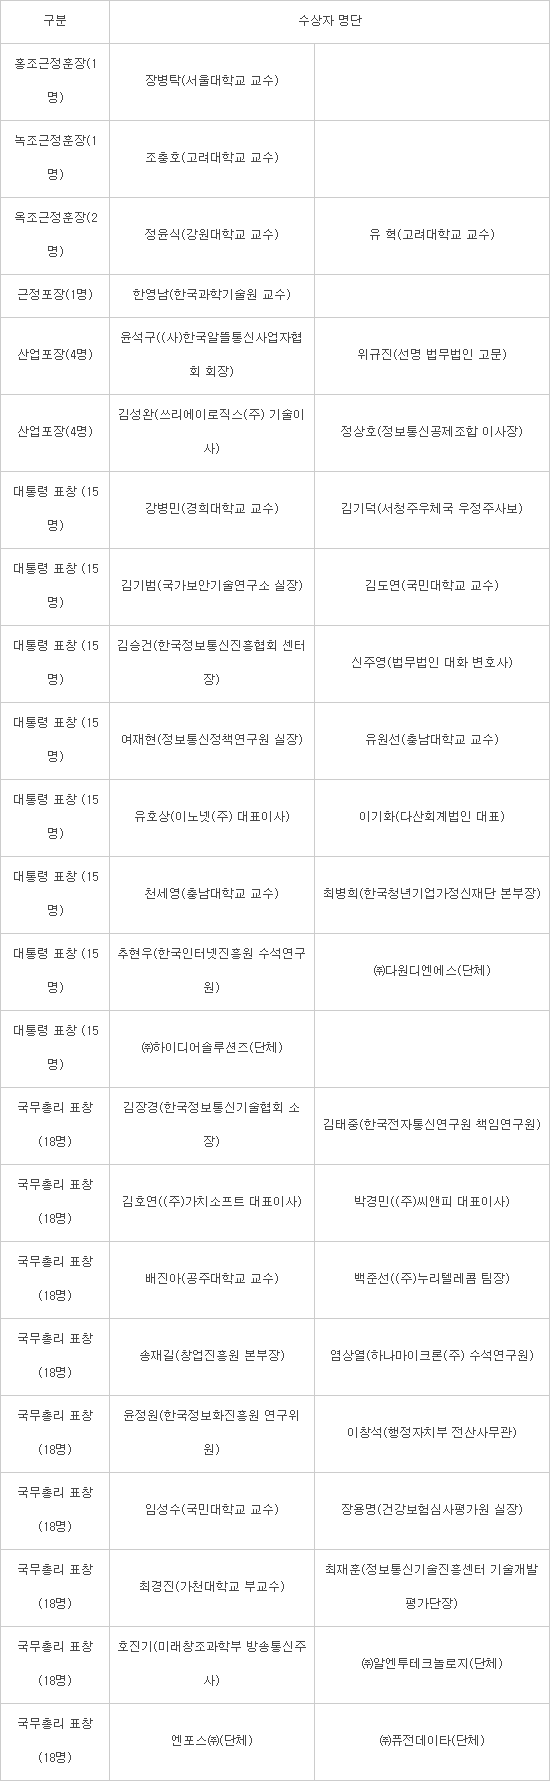 정보통신 발전 분야 정부포상 수상자 명단